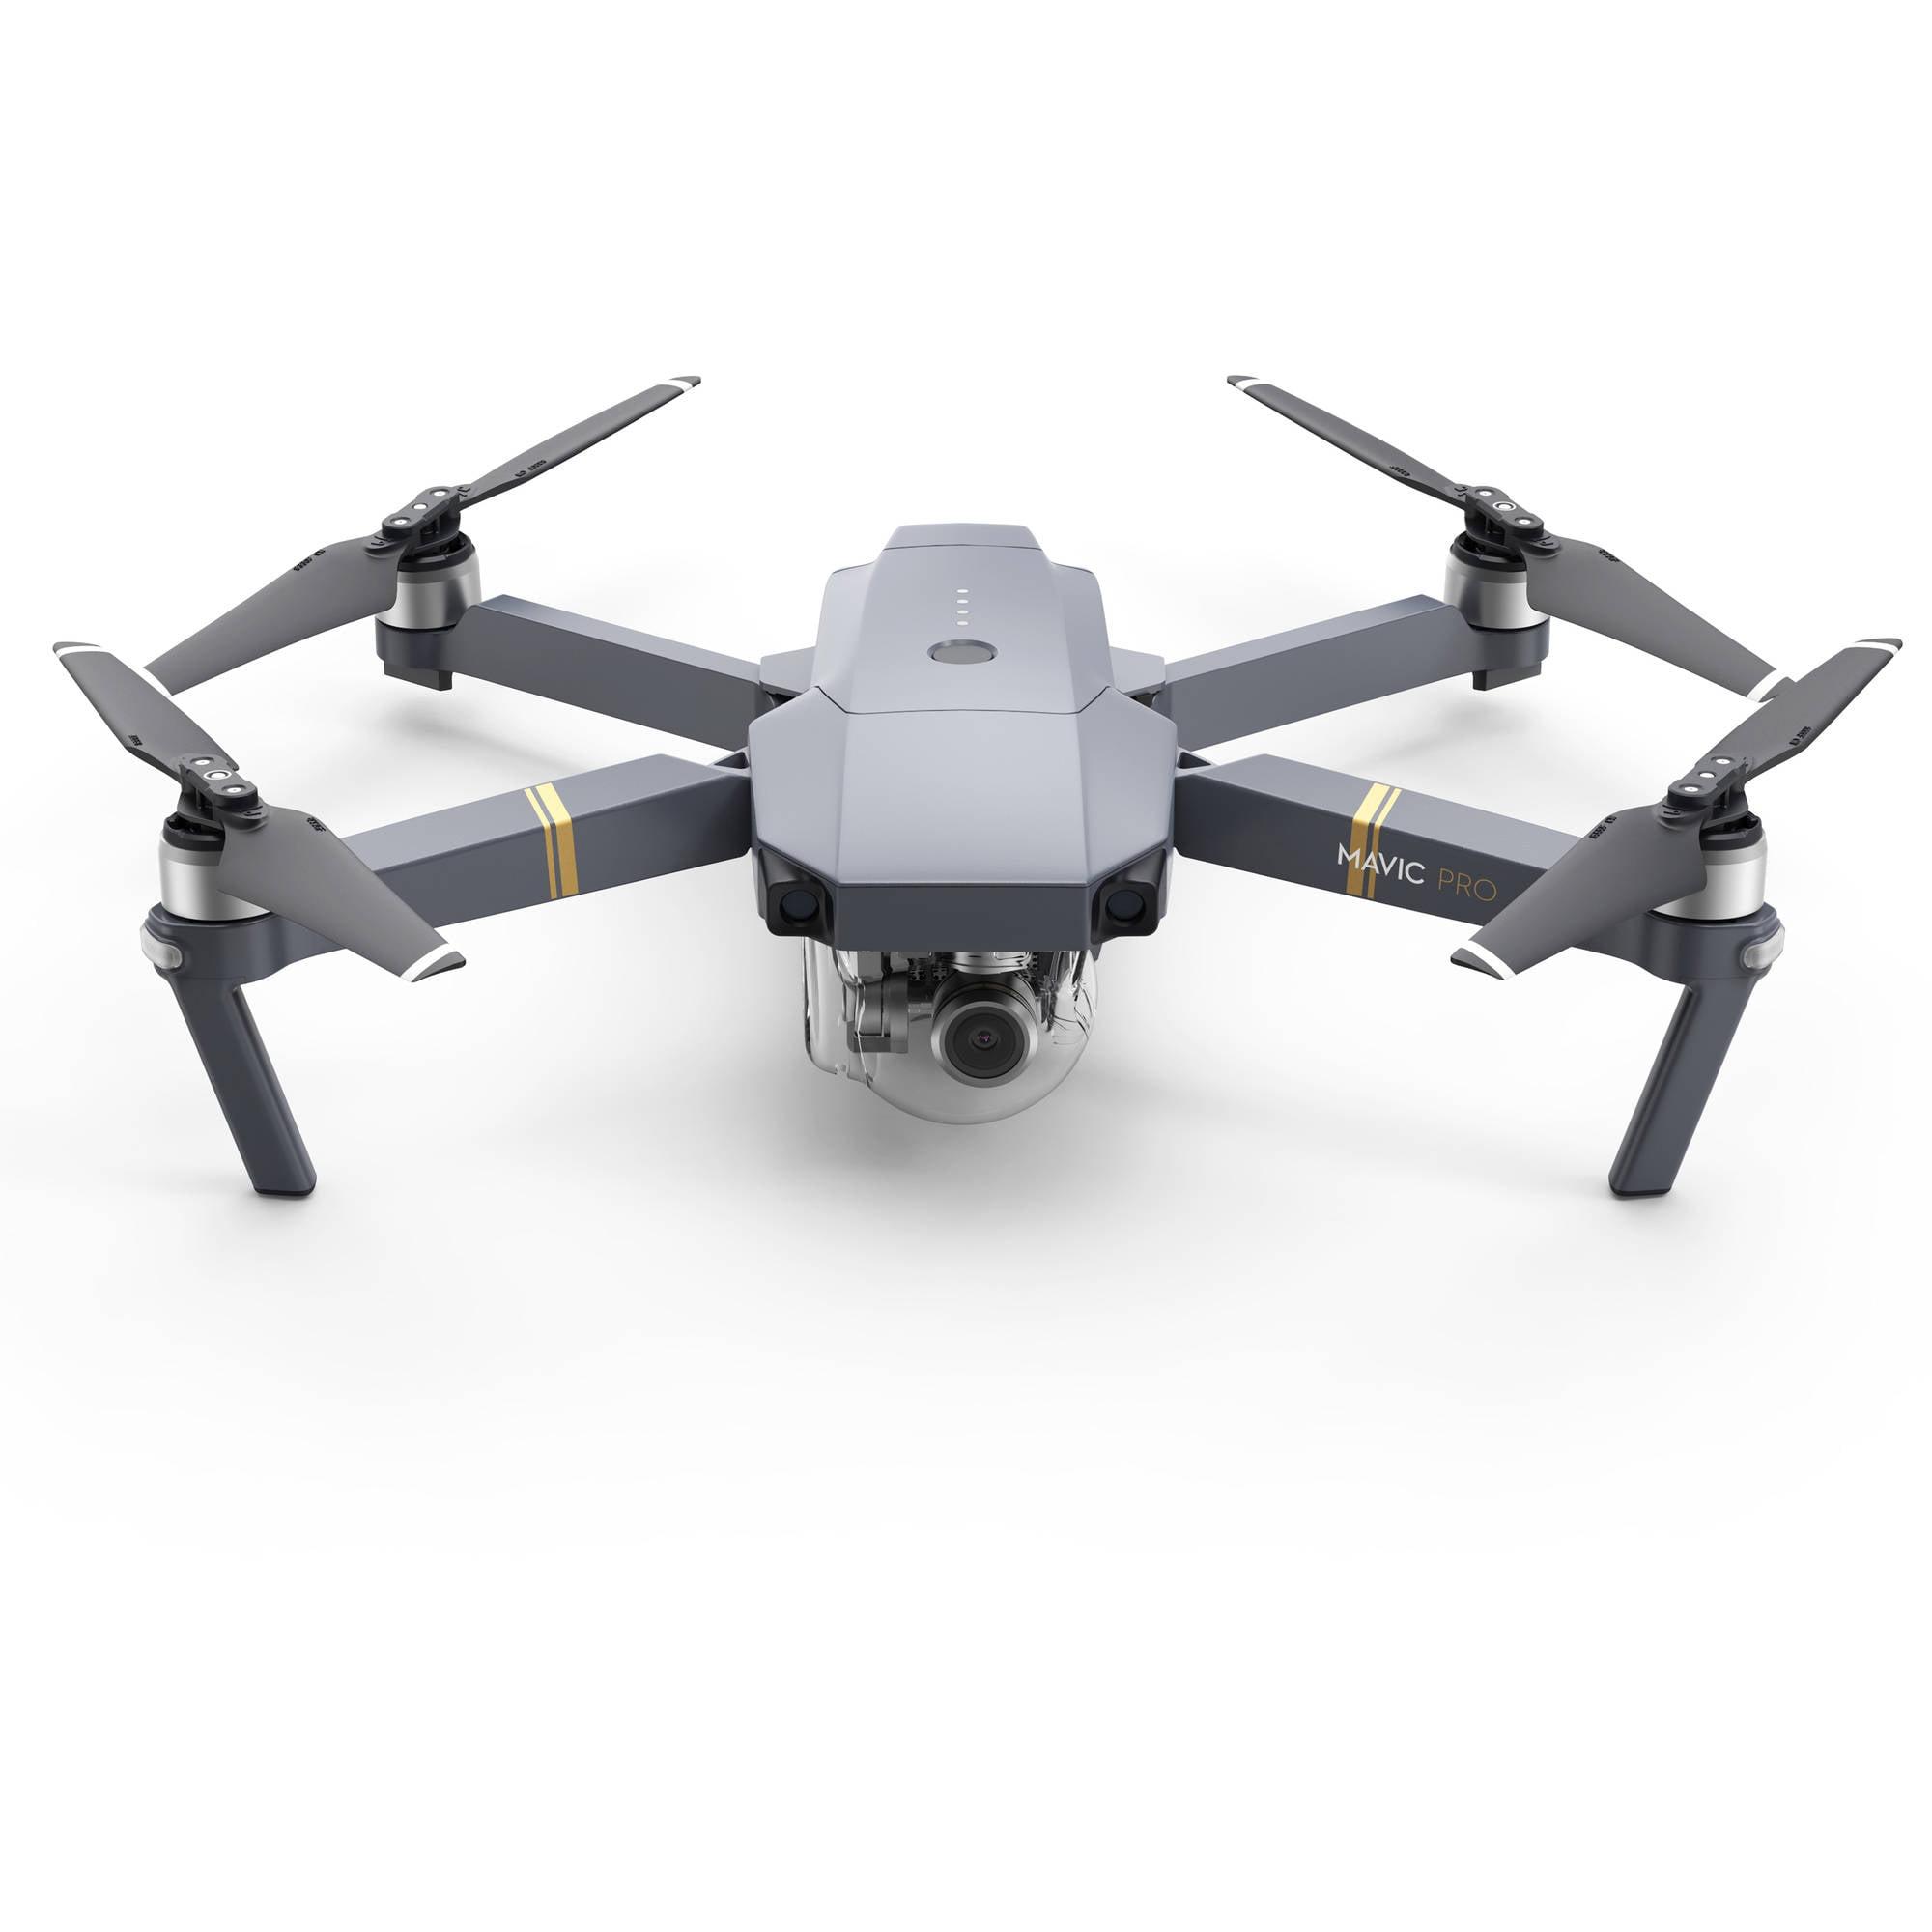 Dji Mavic Pro Quadcopter Drone With Remote Controller, Gray